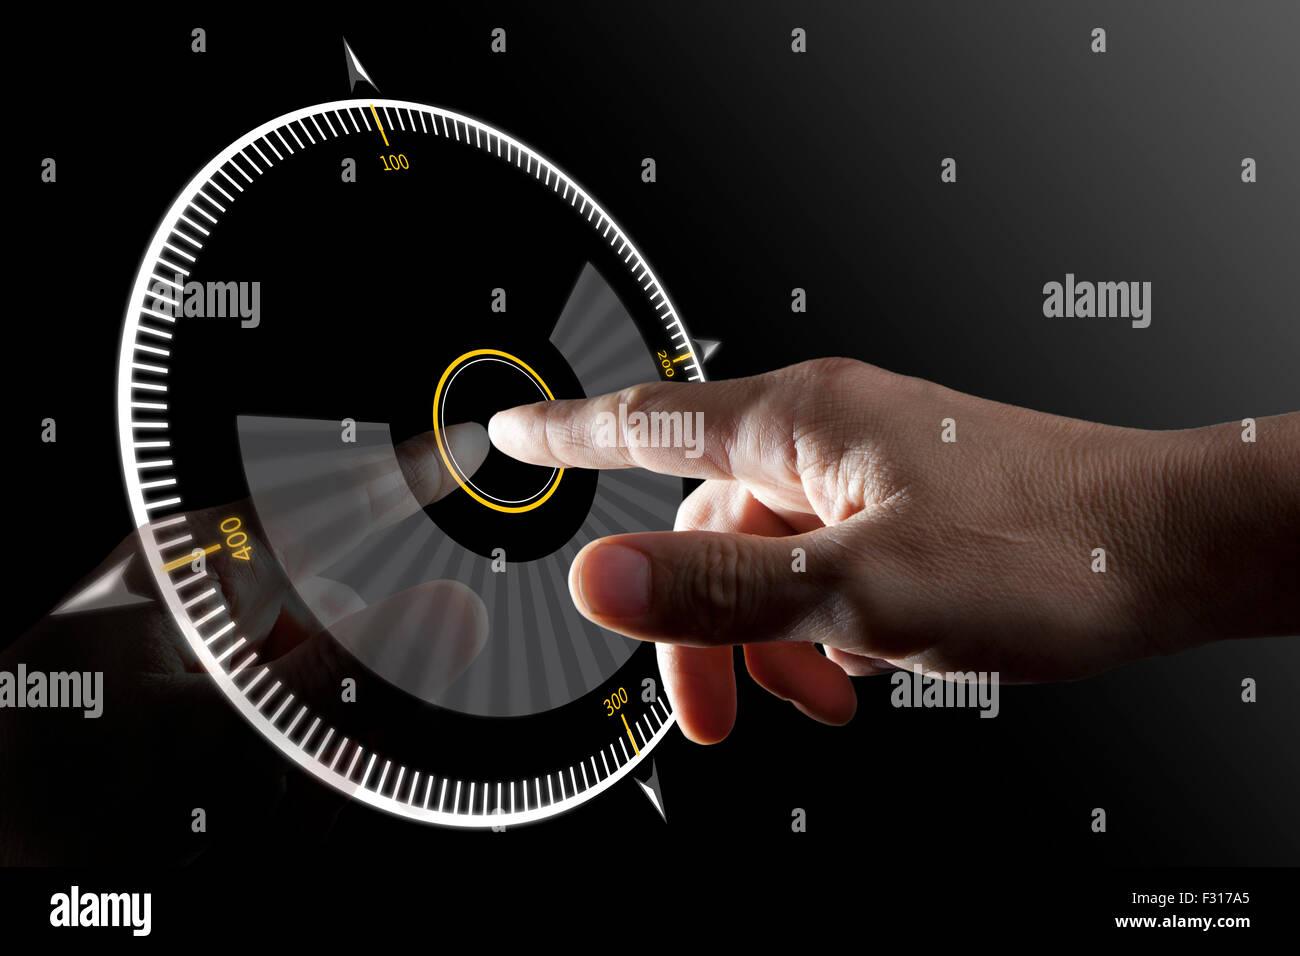 Touchez du doigt le bouton virtuel sur fond noir Photo Stock